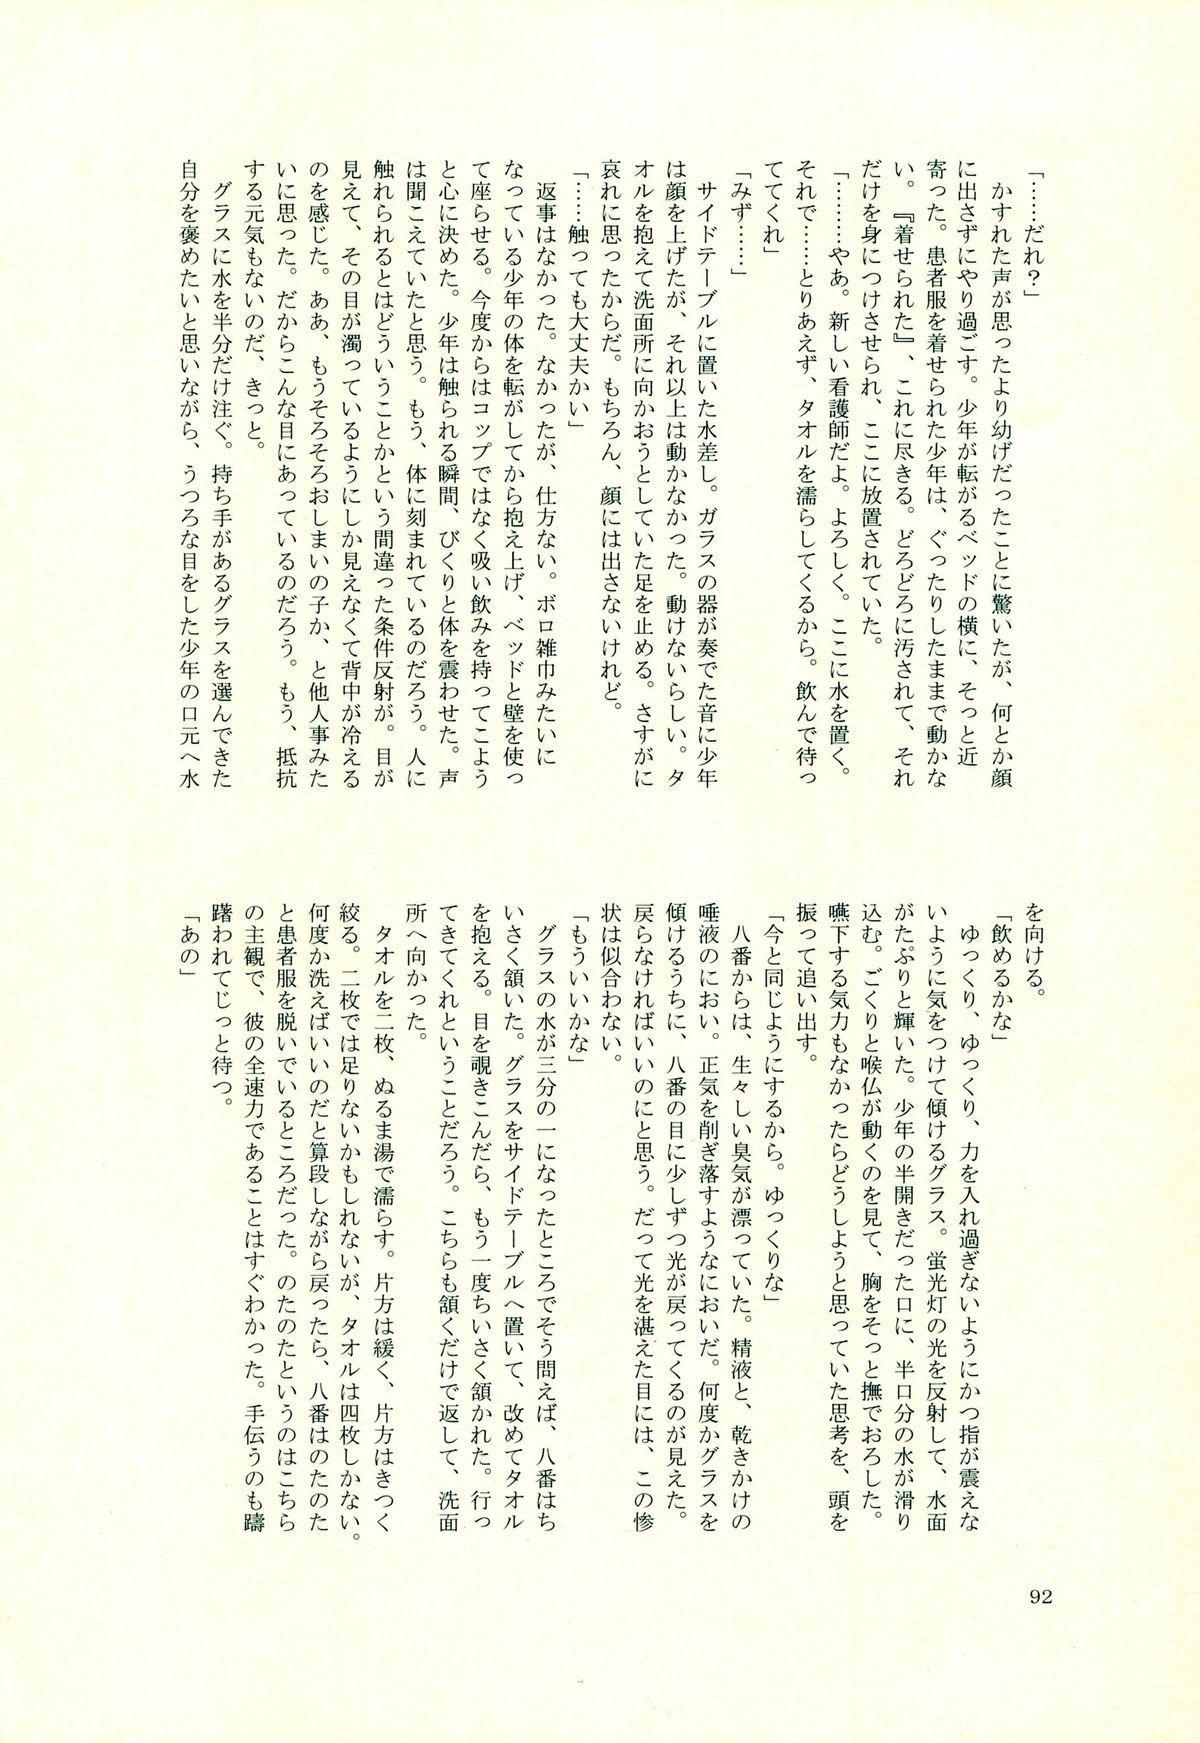 Hinata Hajime no Himitsu no Jikan 90